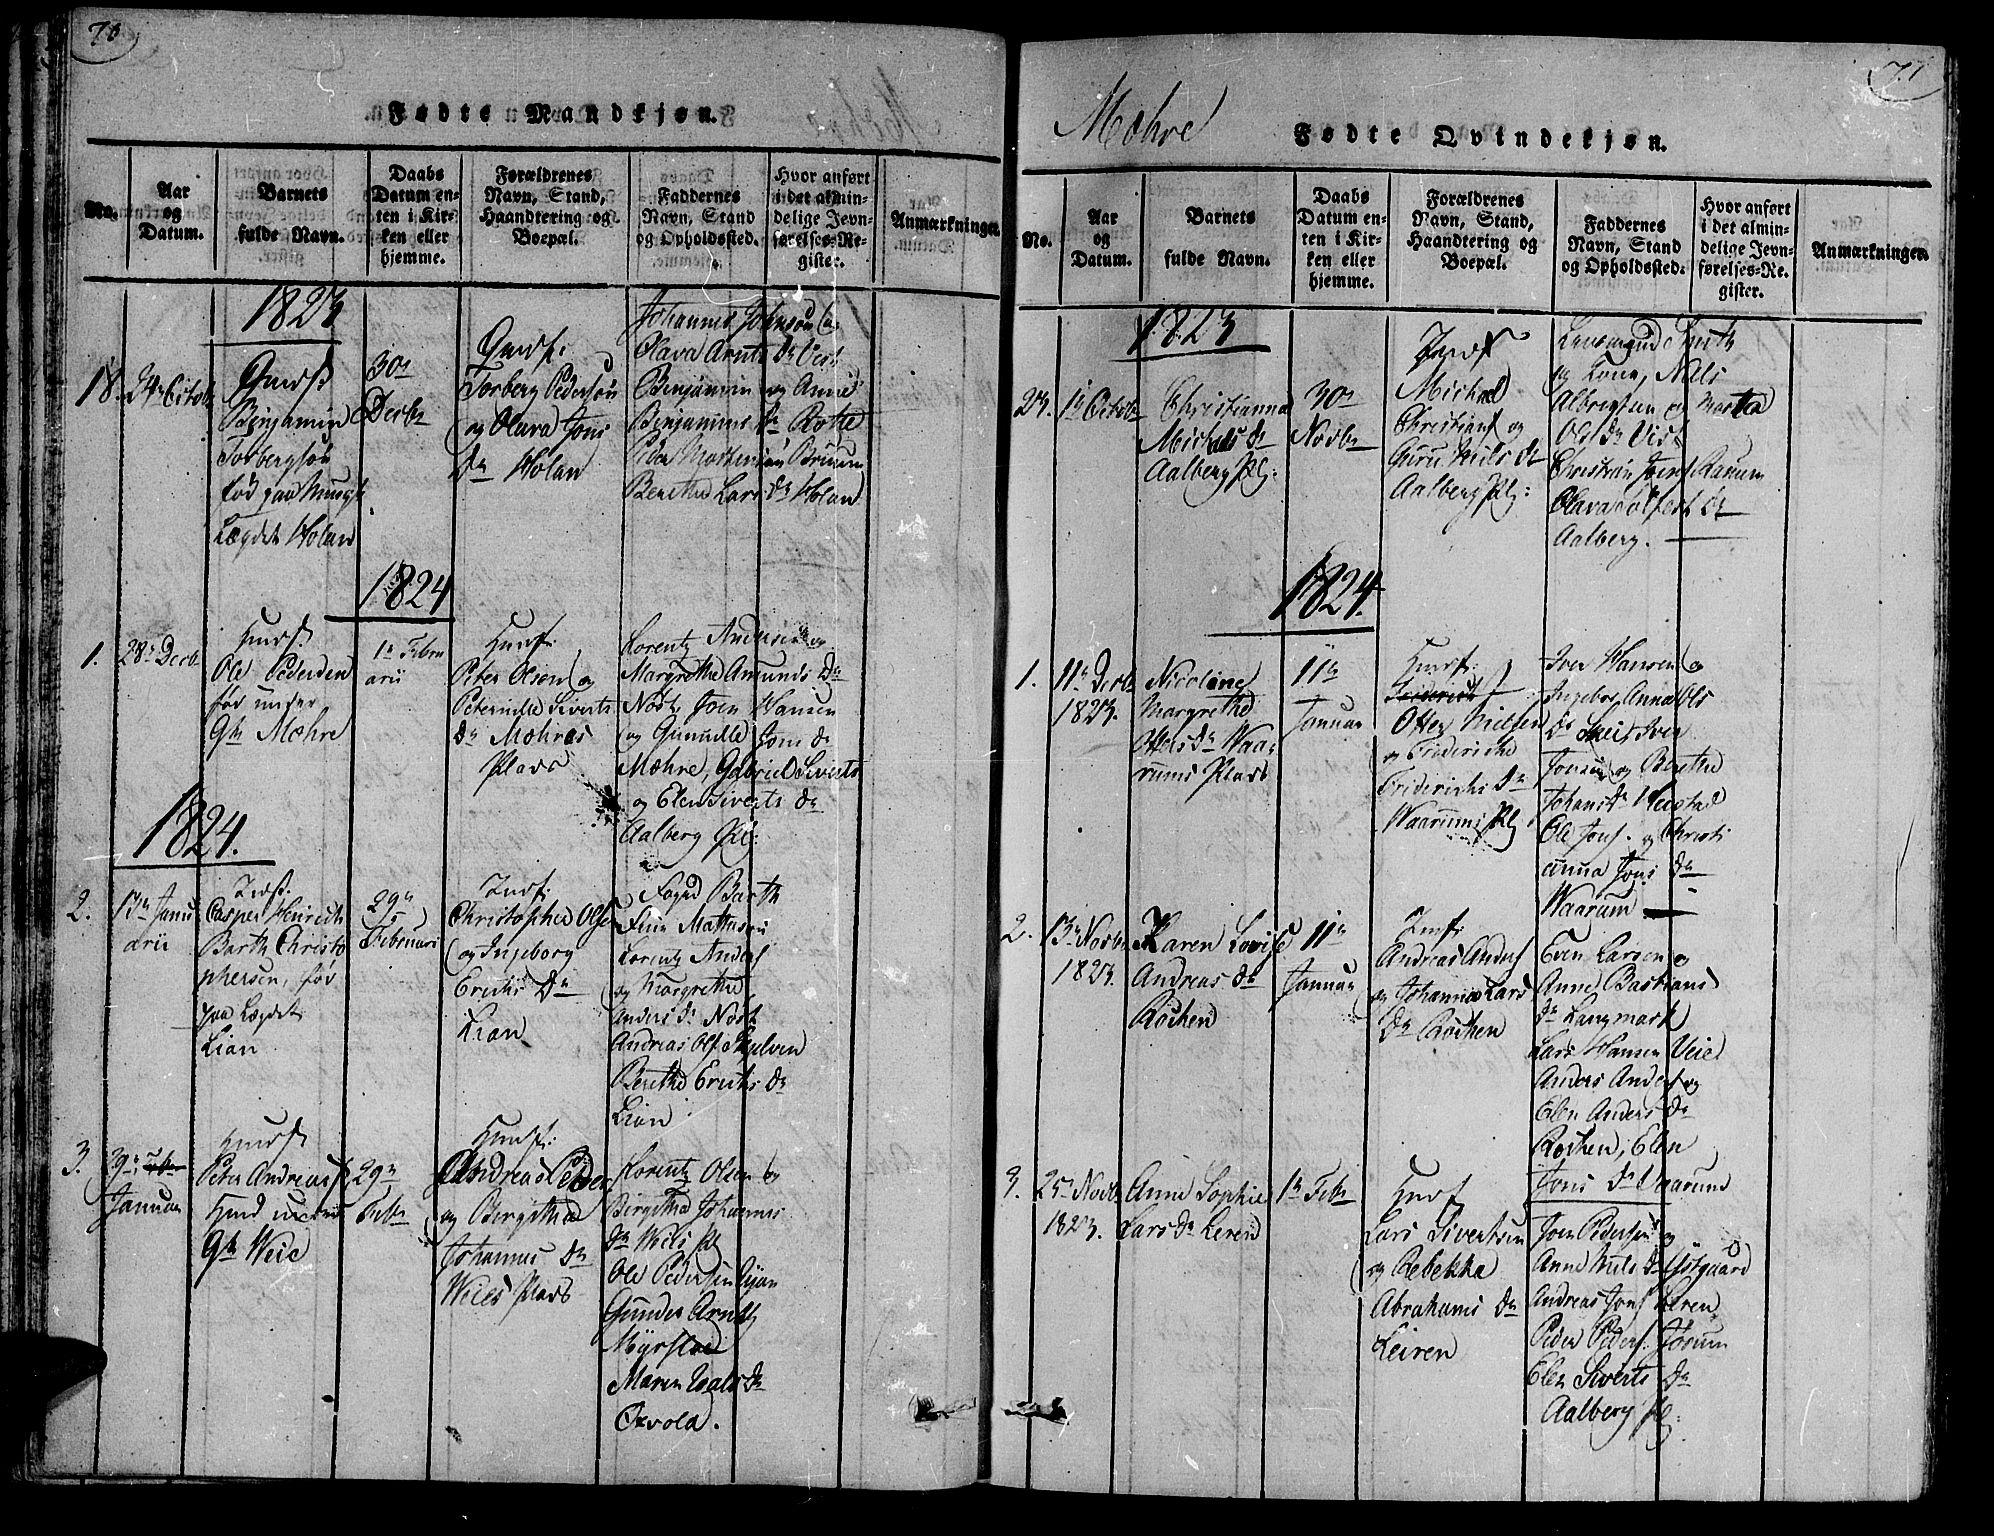 SAT, Ministerialprotokoller, klokkerbøker og fødselsregistre - Nord-Trøndelag, 735/L0333: Ministerialbok nr. 735A04 /1, 1816-1824, s. 70-71